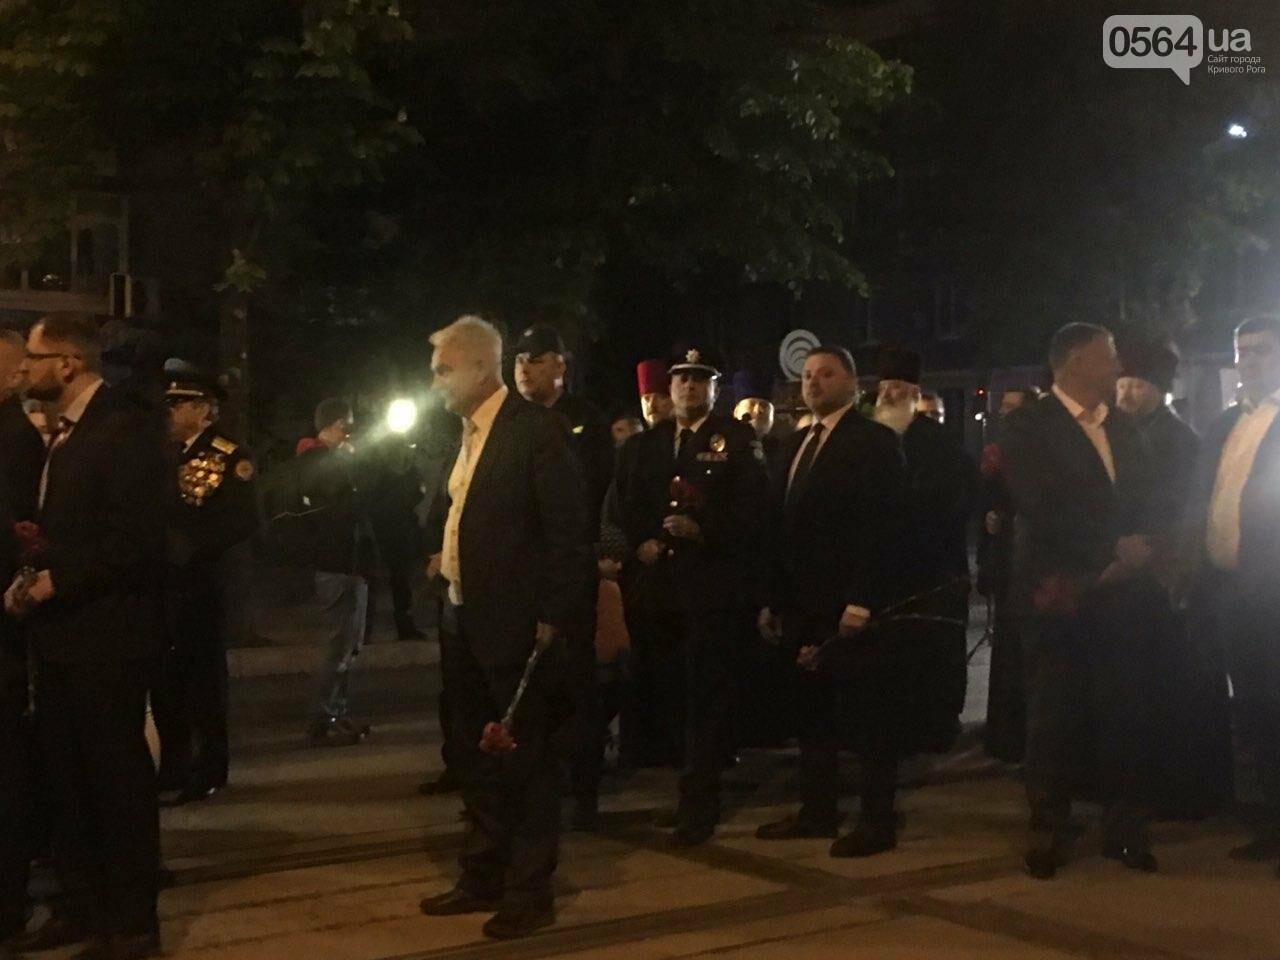 В Кривом Роге затемно начали отмечать День победы над нацизмом во Второй мировой войне, - ФОТО, ВИДЕО, фото-21